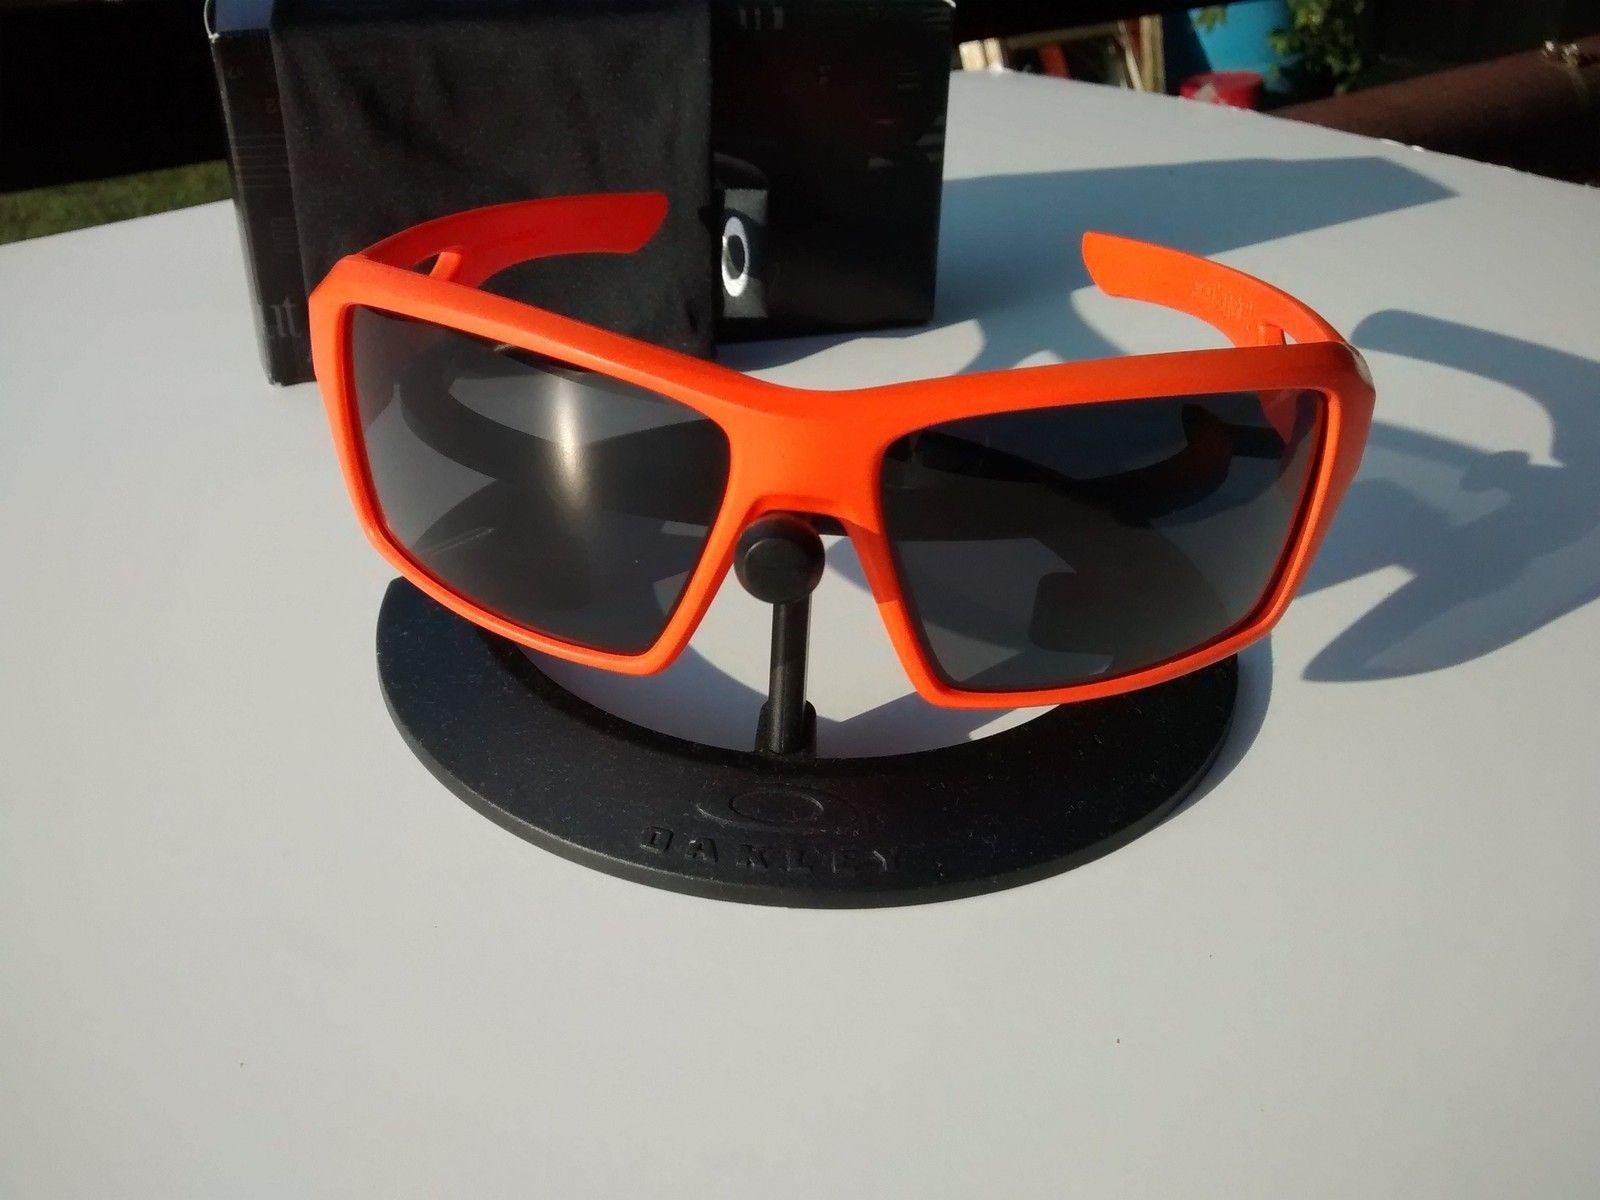 Safety Orange Cerakote Eyepatch 2 - UzdVKlX.jpg